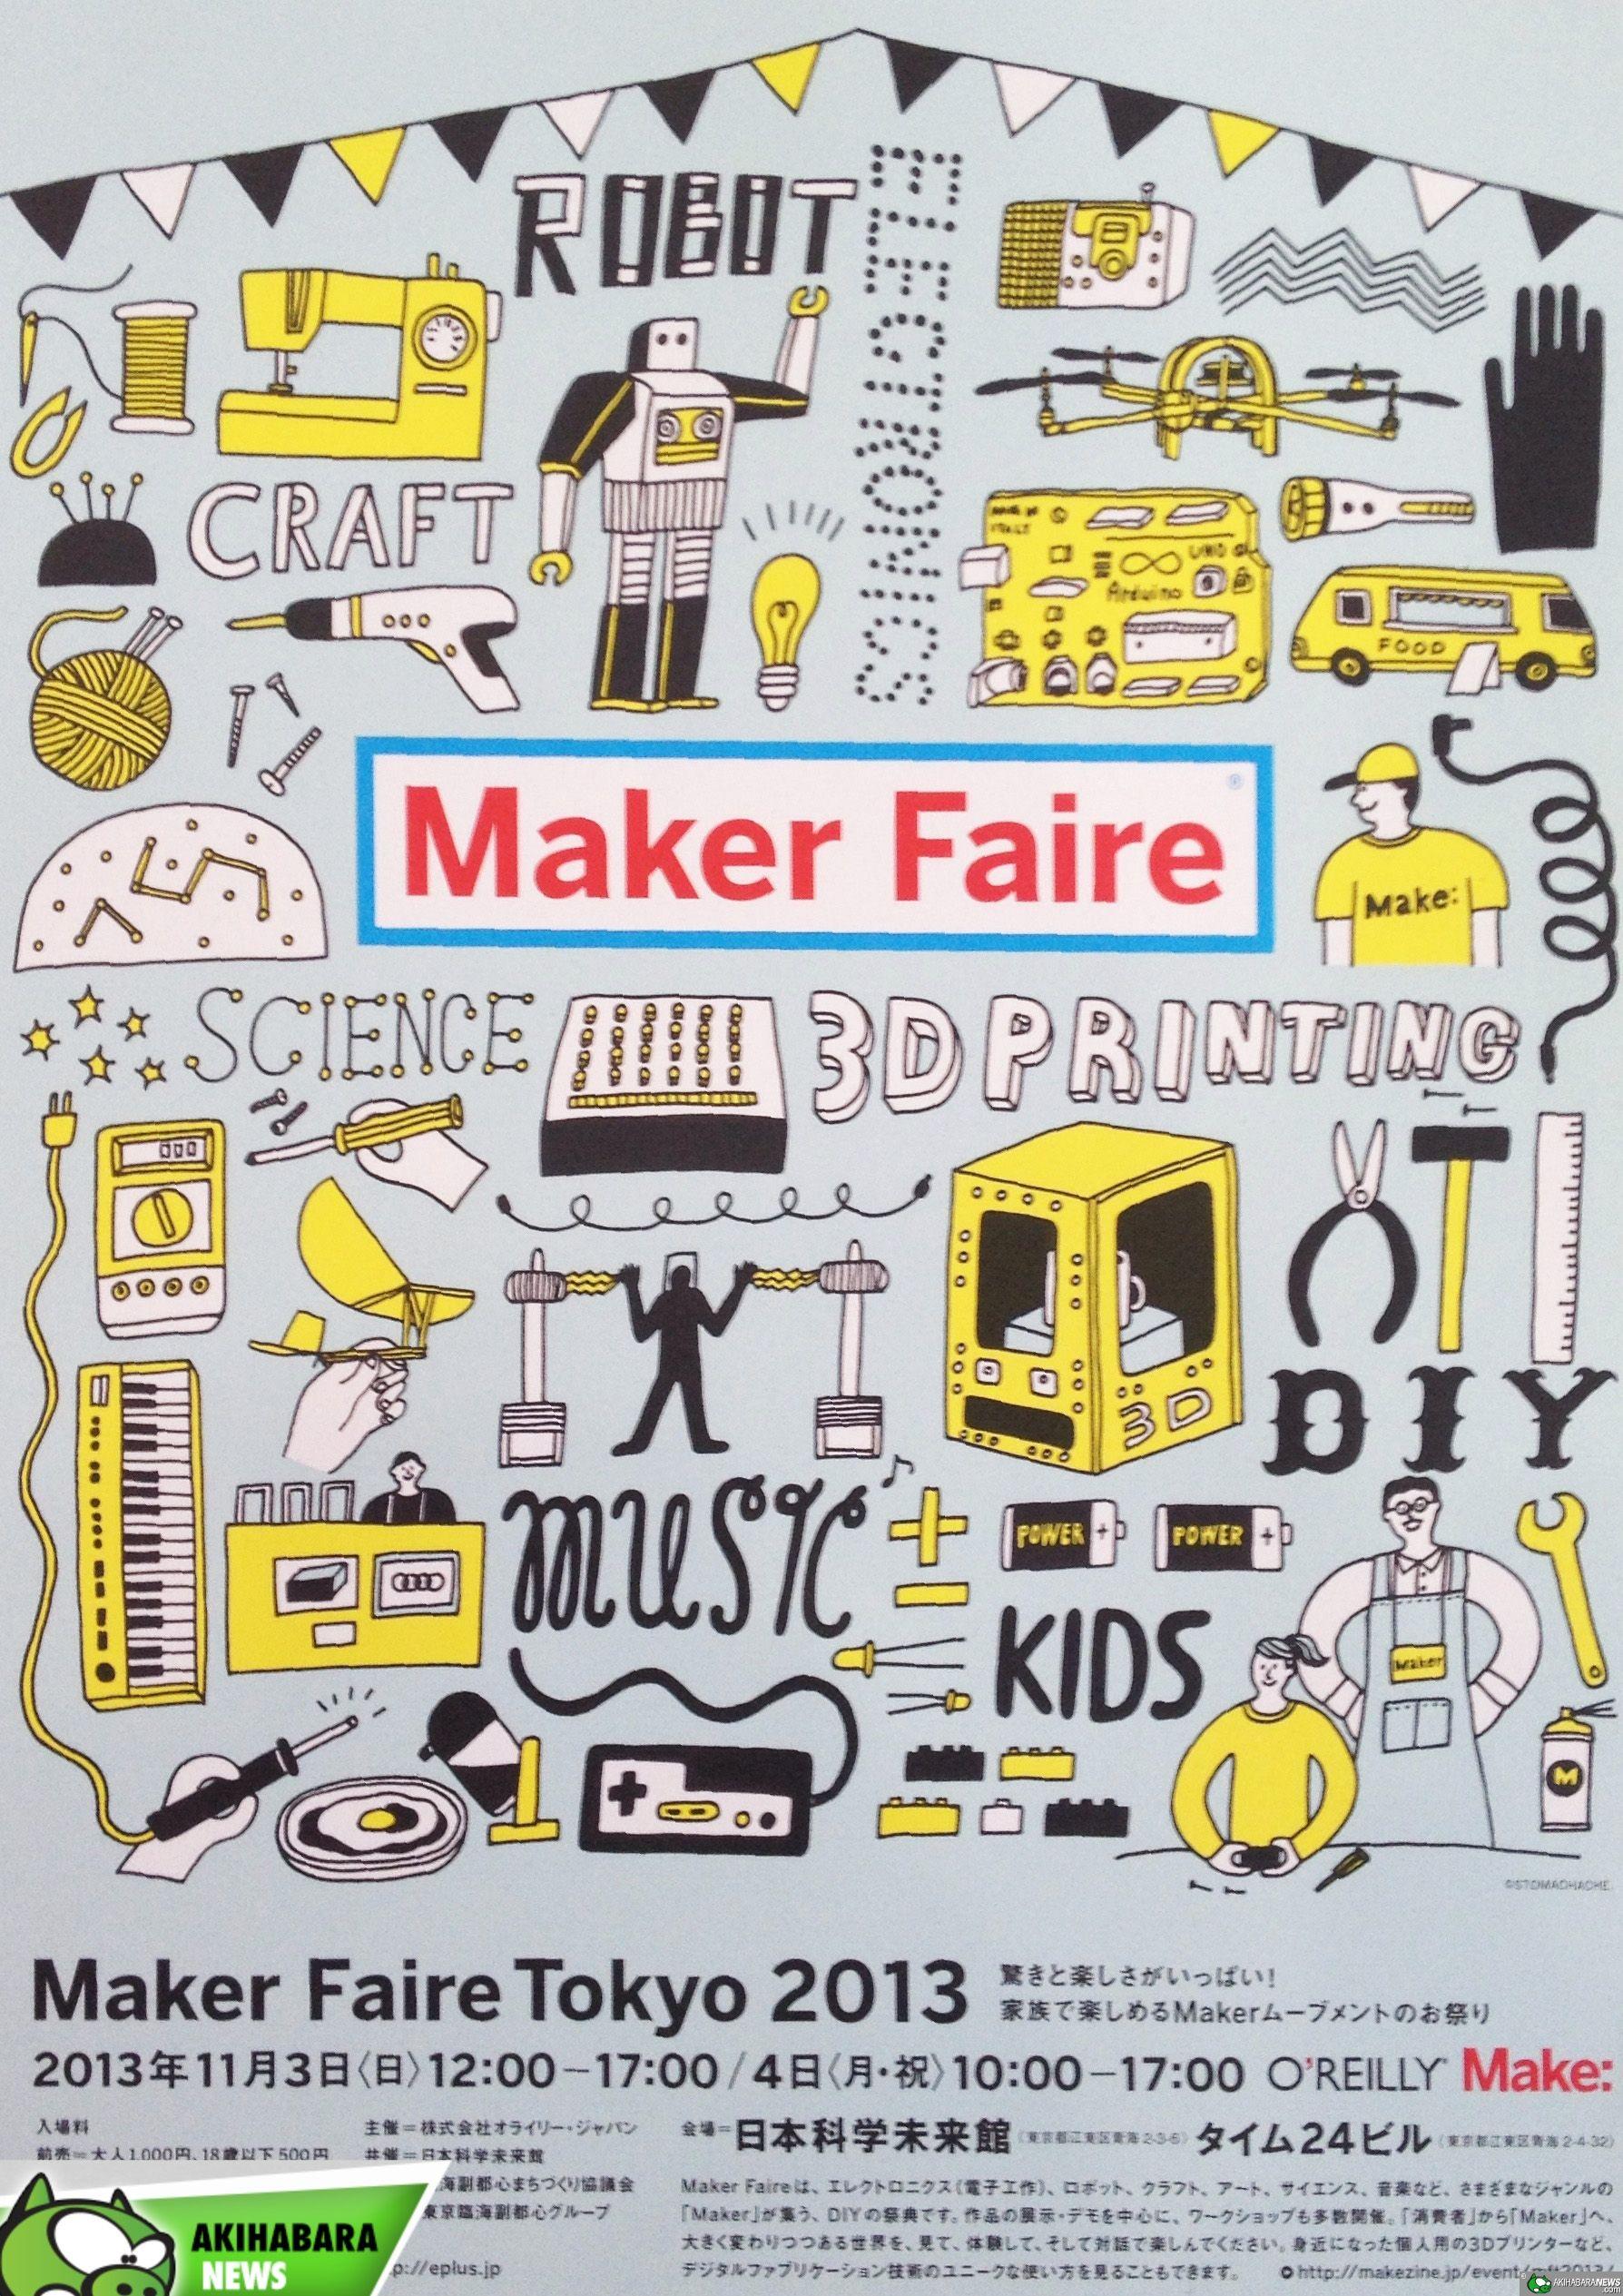 オライリー makers faire グラフィック の画像検索結果 picture